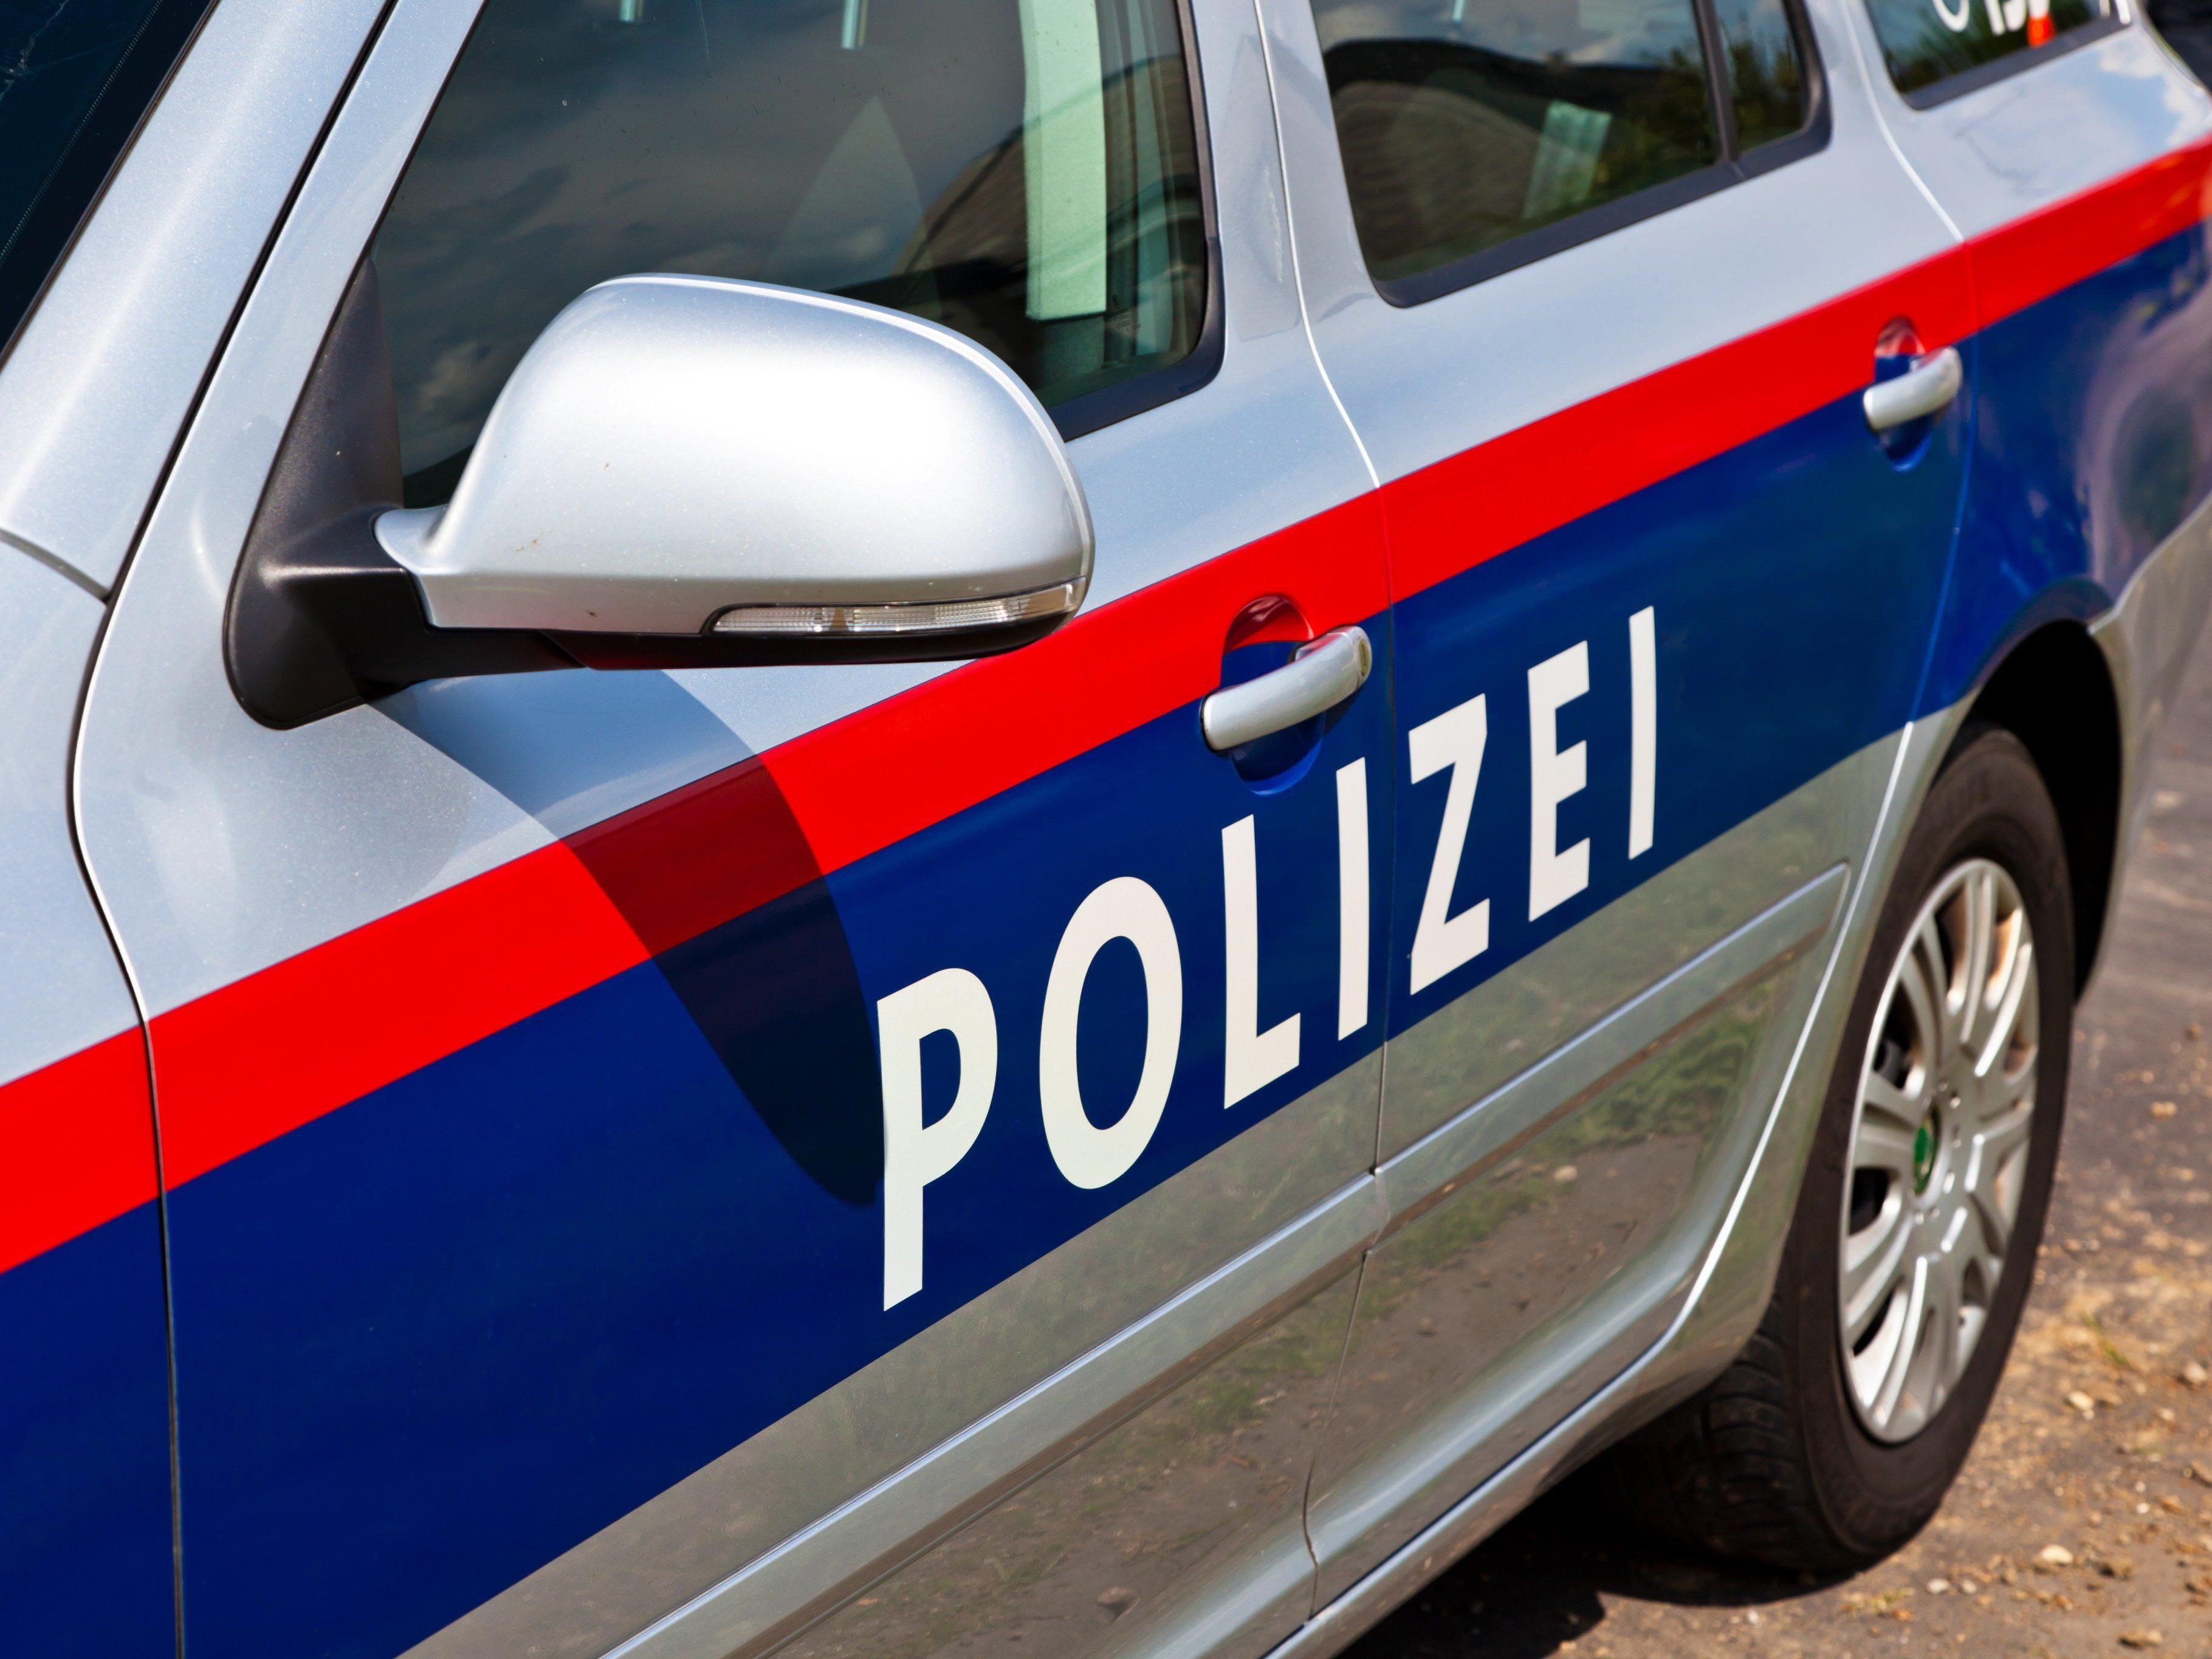 Zeugenaufruf nach Opferstock-Einbruchsdiebstahl in die Pfarrkirche St. Gebhard.